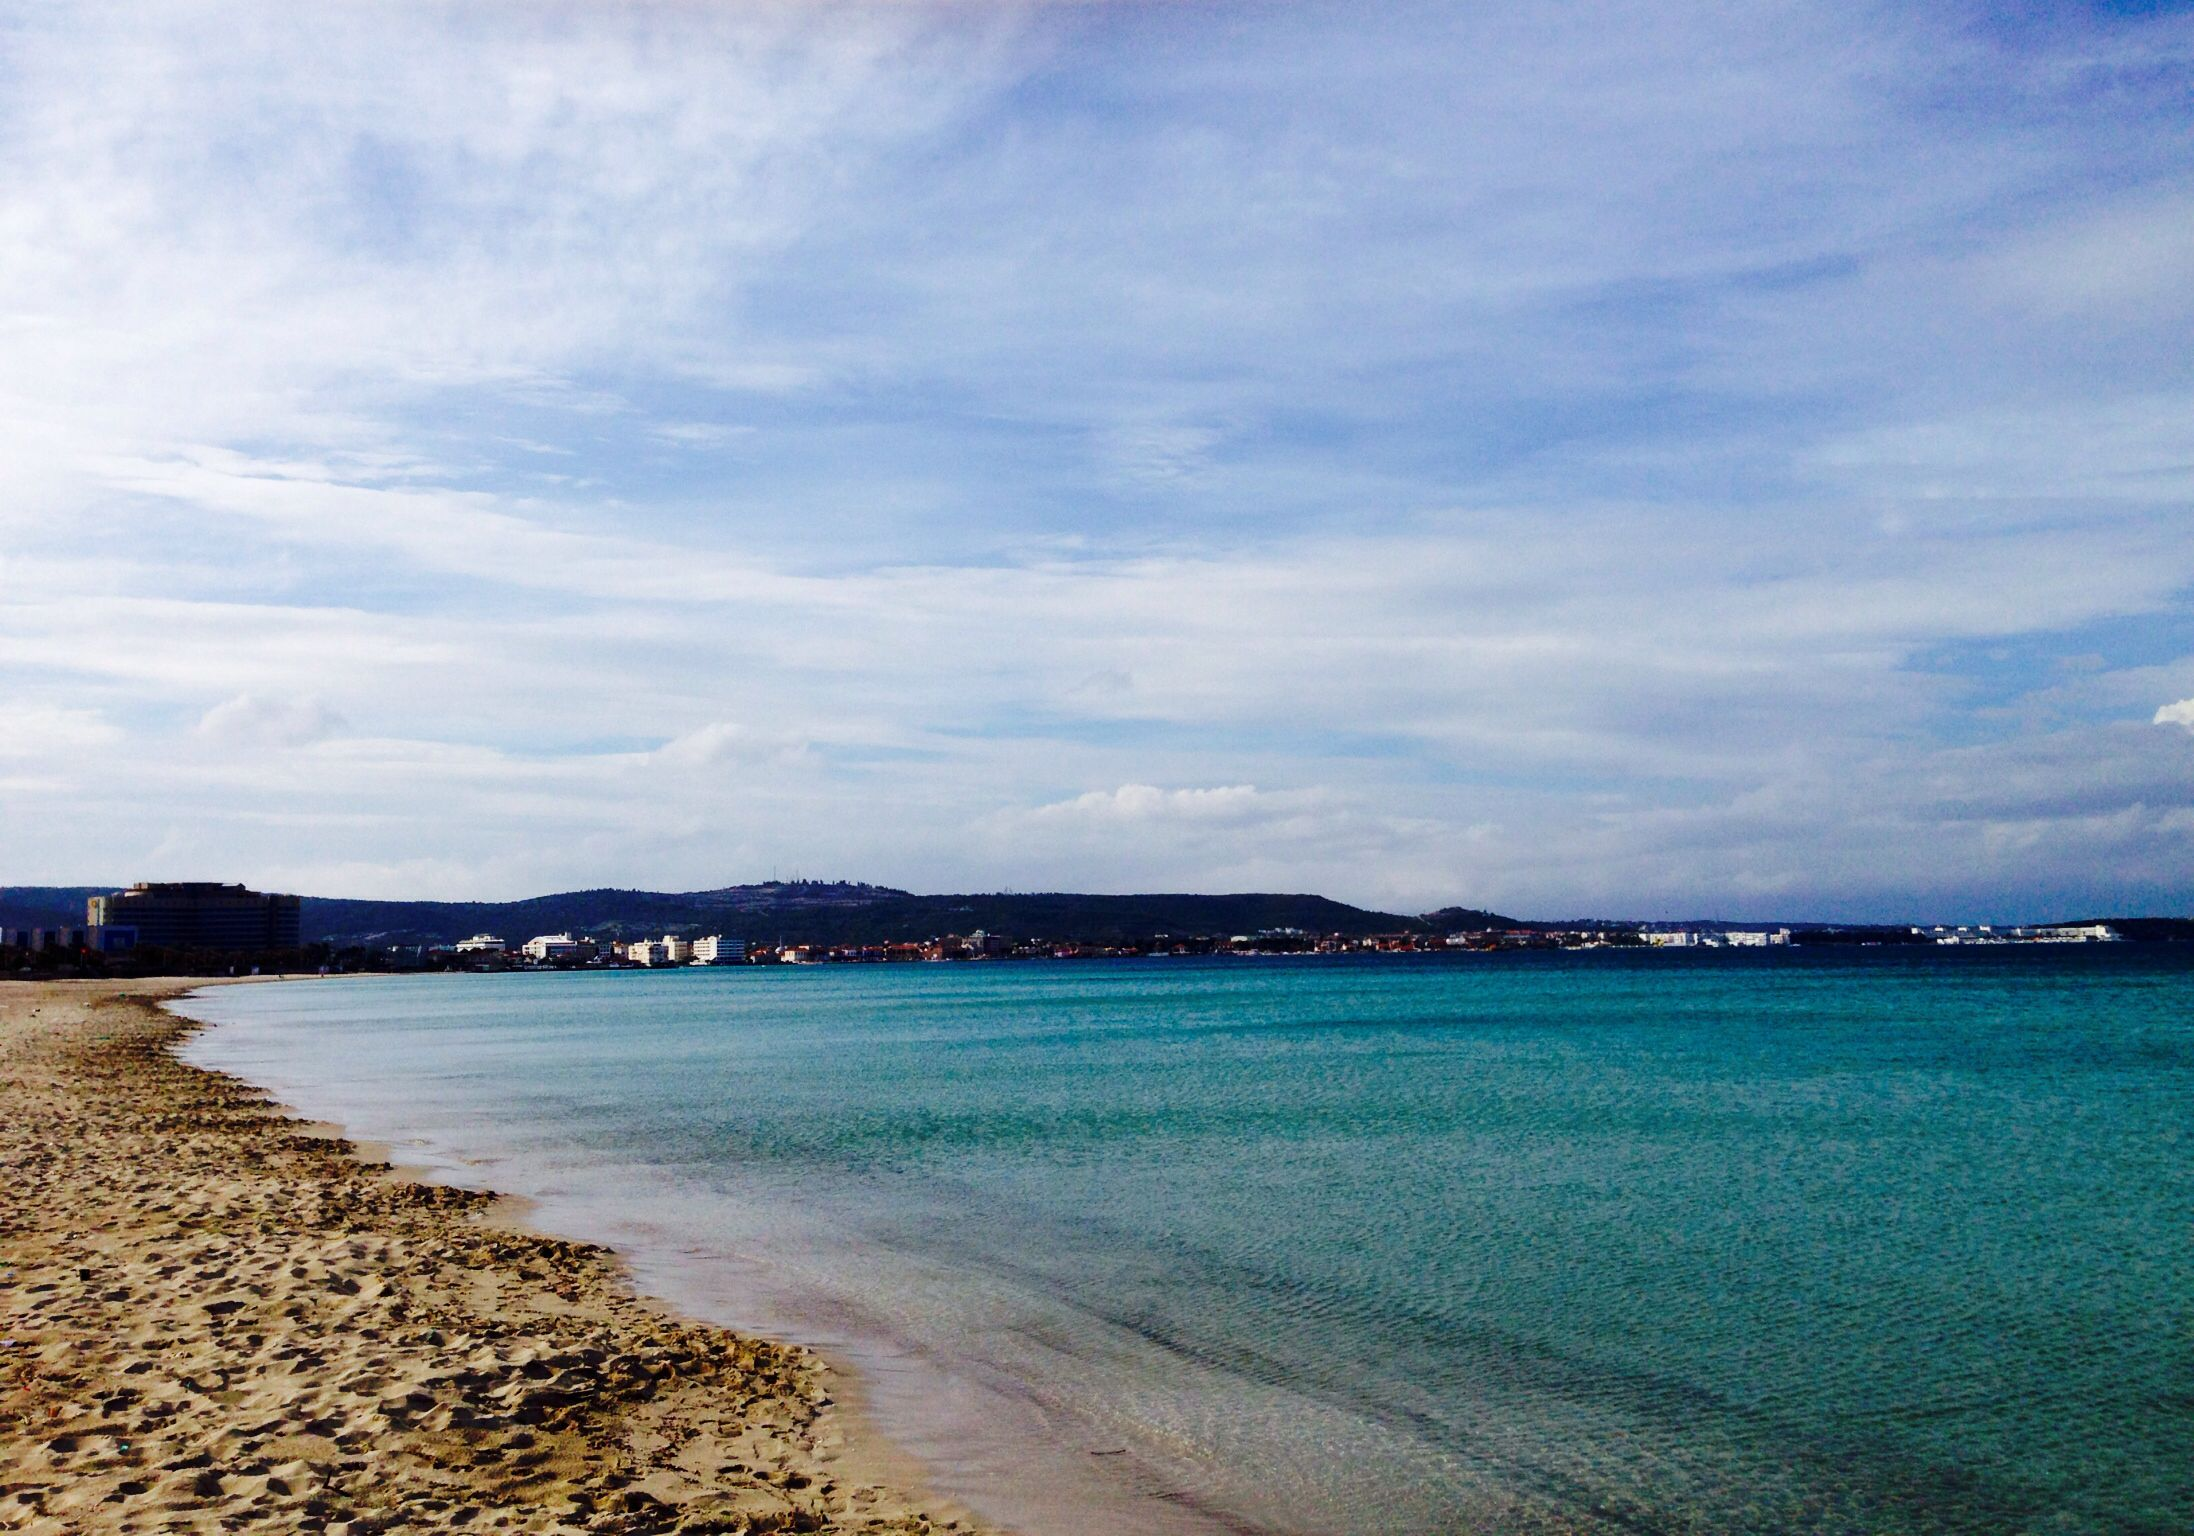 Sea and sand - Beach life - enjoy